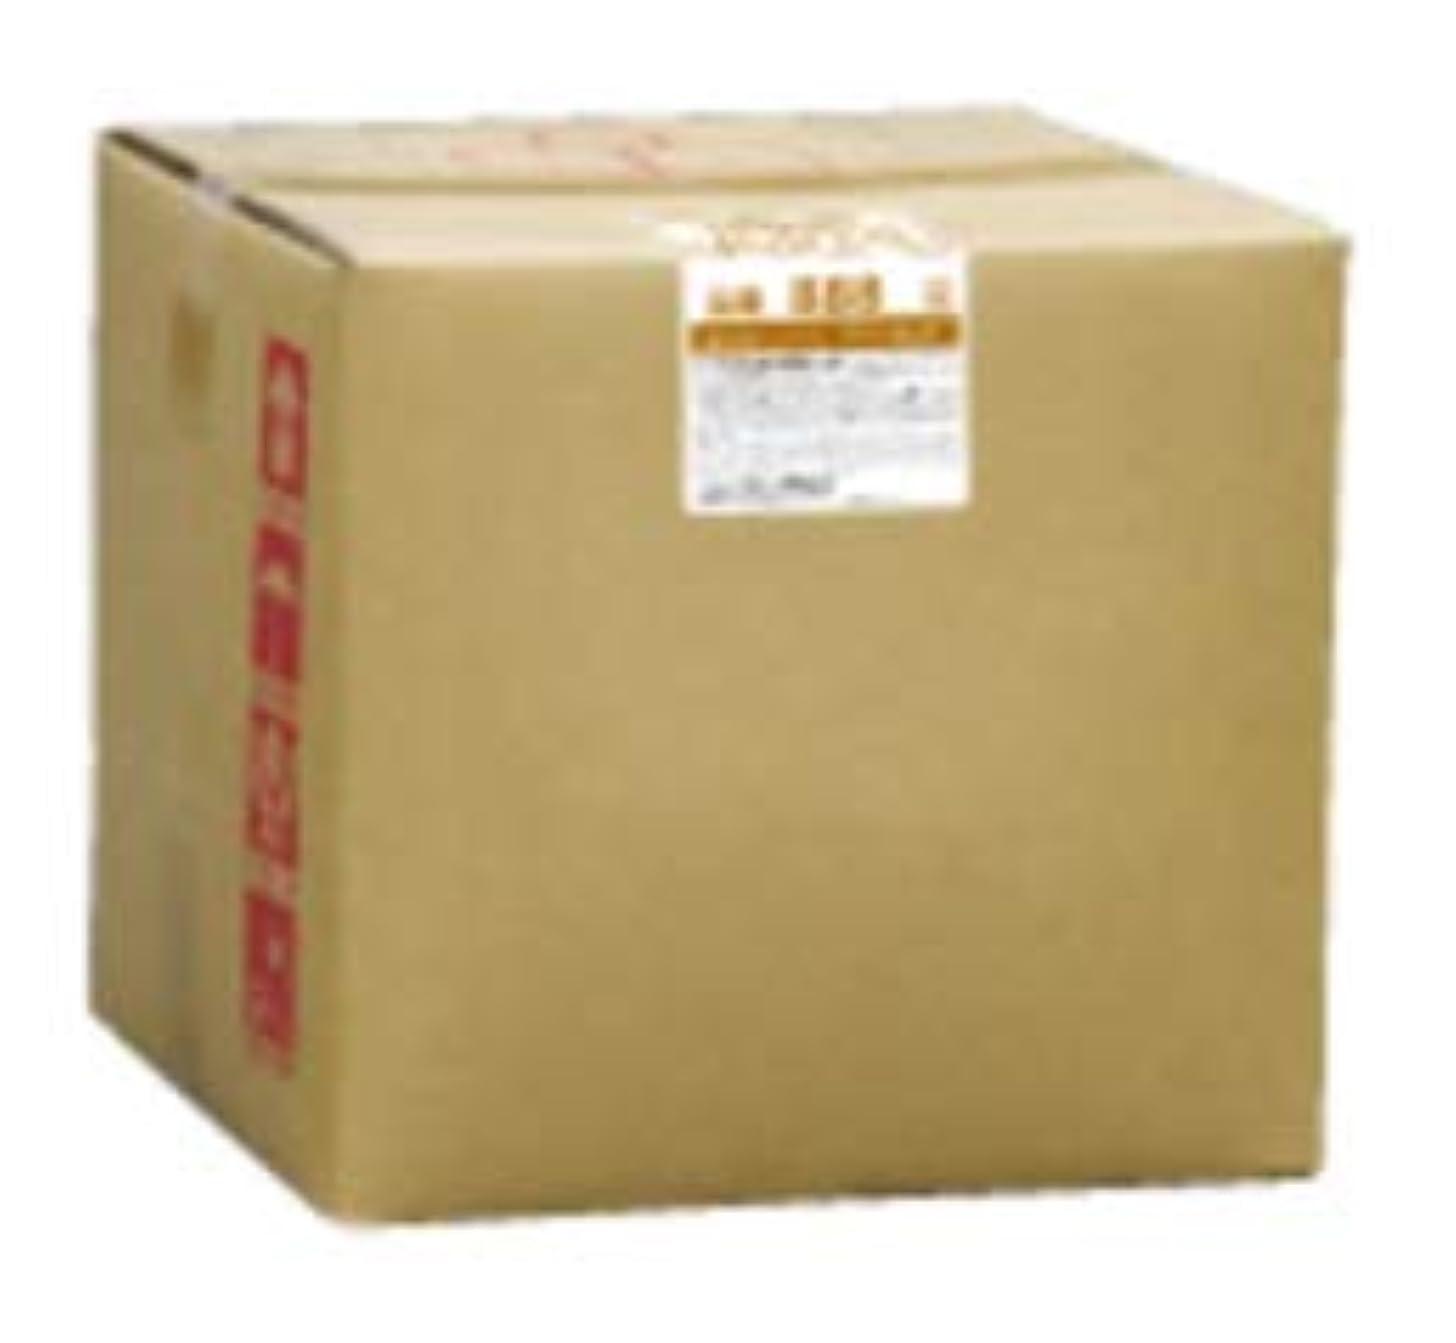 文房具焼くメリーフタバ化学 スパジアス ボディソープ 18L 詰め替え 800ml専用空容器付 黒糖と蜂蜜